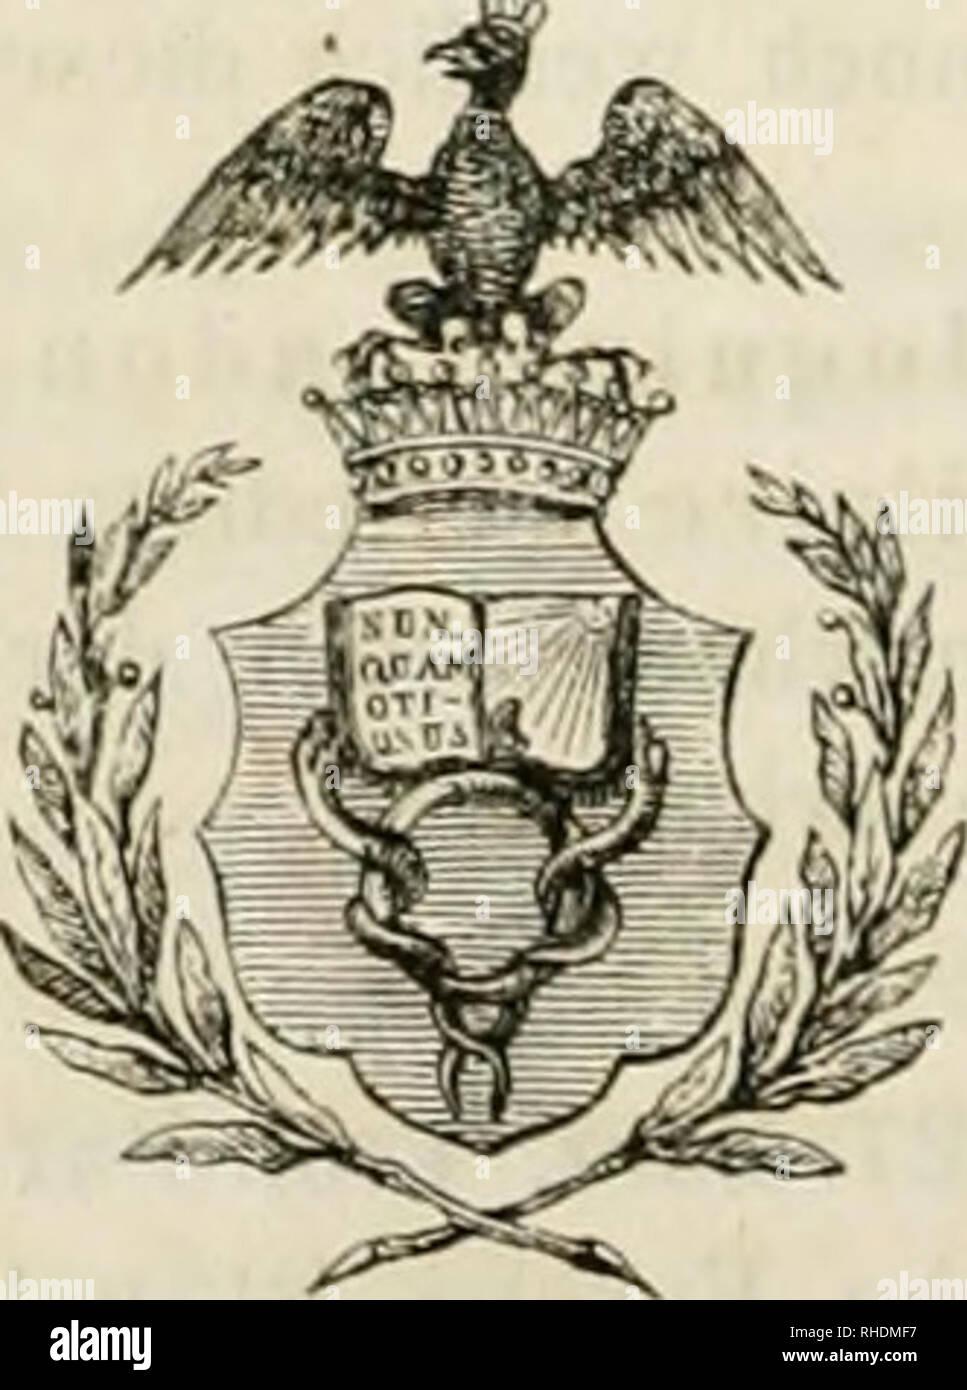 """. Bonplandia. Zeitschrift fr die gesammte Botanik. Plants. 10« V iiiill Mdi mir die Benulziiiiir (iL-rsclbon auf Lcb- zoilcii Mir. Die Schenkung wird in dem, früher (iii (loMi erstorbenen König von Hannover luMMilzteii """"Palaee^' zu Kew (in dem sich auch lldoker's Herbarium befindet) aufgestellt wer- den, und Herr Bentham wird fortan in Kew vohiien, ü ja schon verschiedene berühmte liiilaniker iiiren Woimsitz haben. - Dr. Harvey, dessen projectirte Reise nach der südlichen Hemisphäre wir ihr(;r Zeit erwähnten, ist, nachdem er Ceylon und Singapore beridirt, im .faiuiar d. ,1. in King George - Stock Image"""